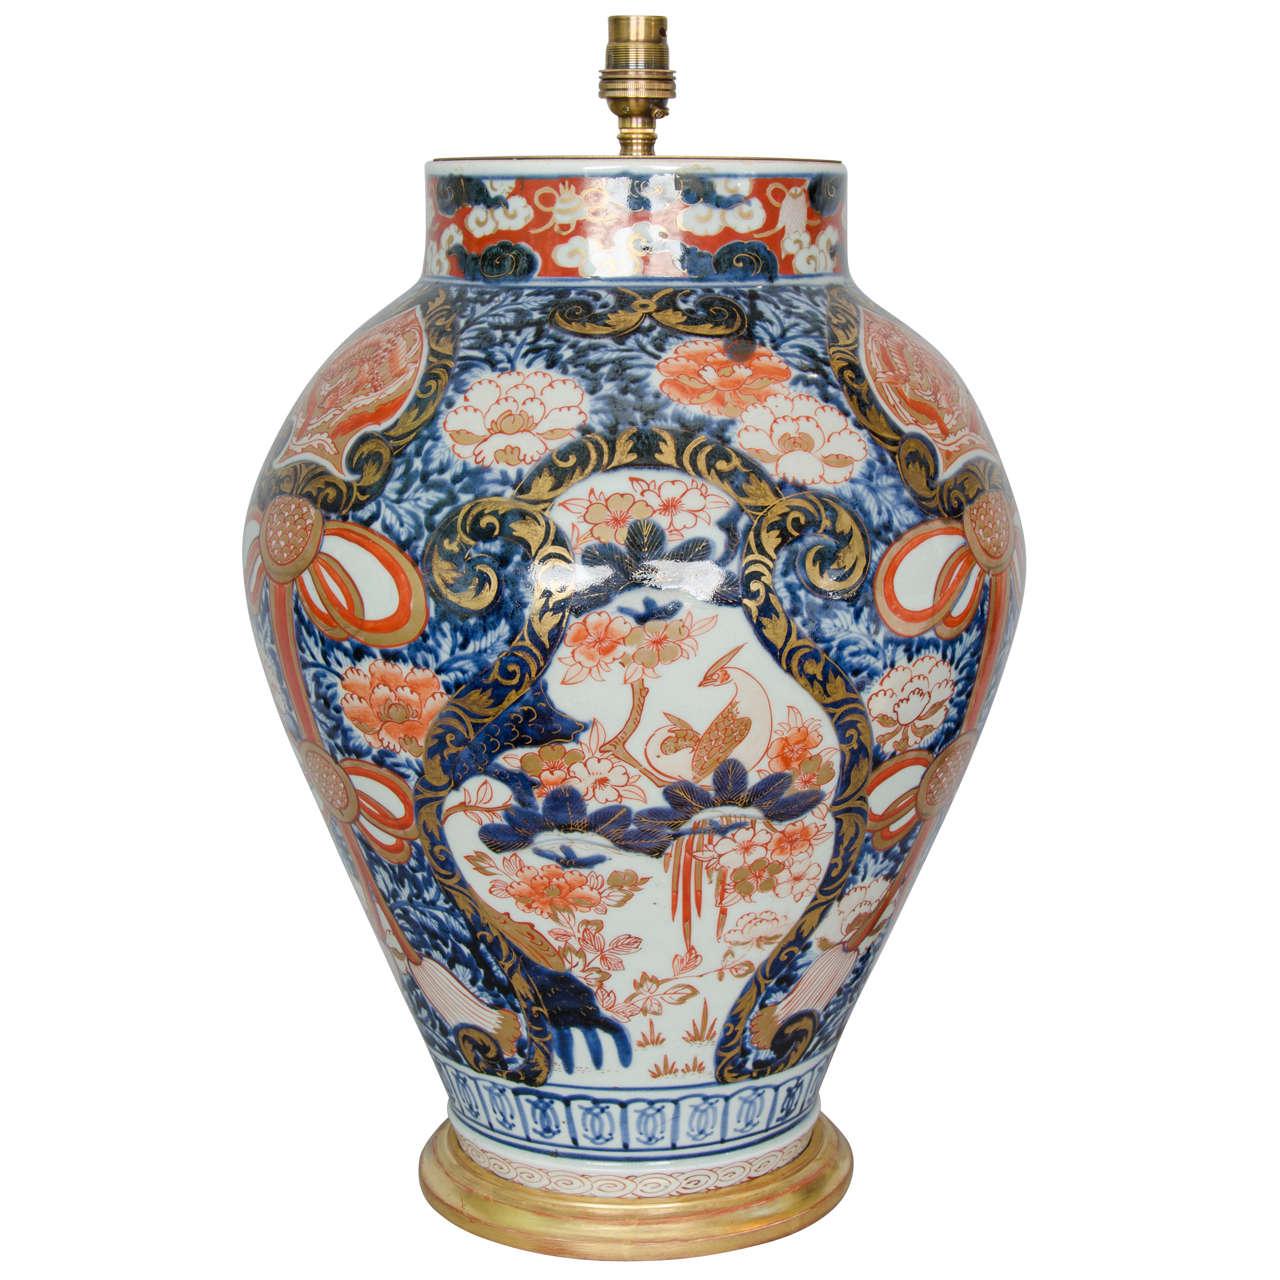 Japanese Imari Porcelain Vase Lamped, circa 1700